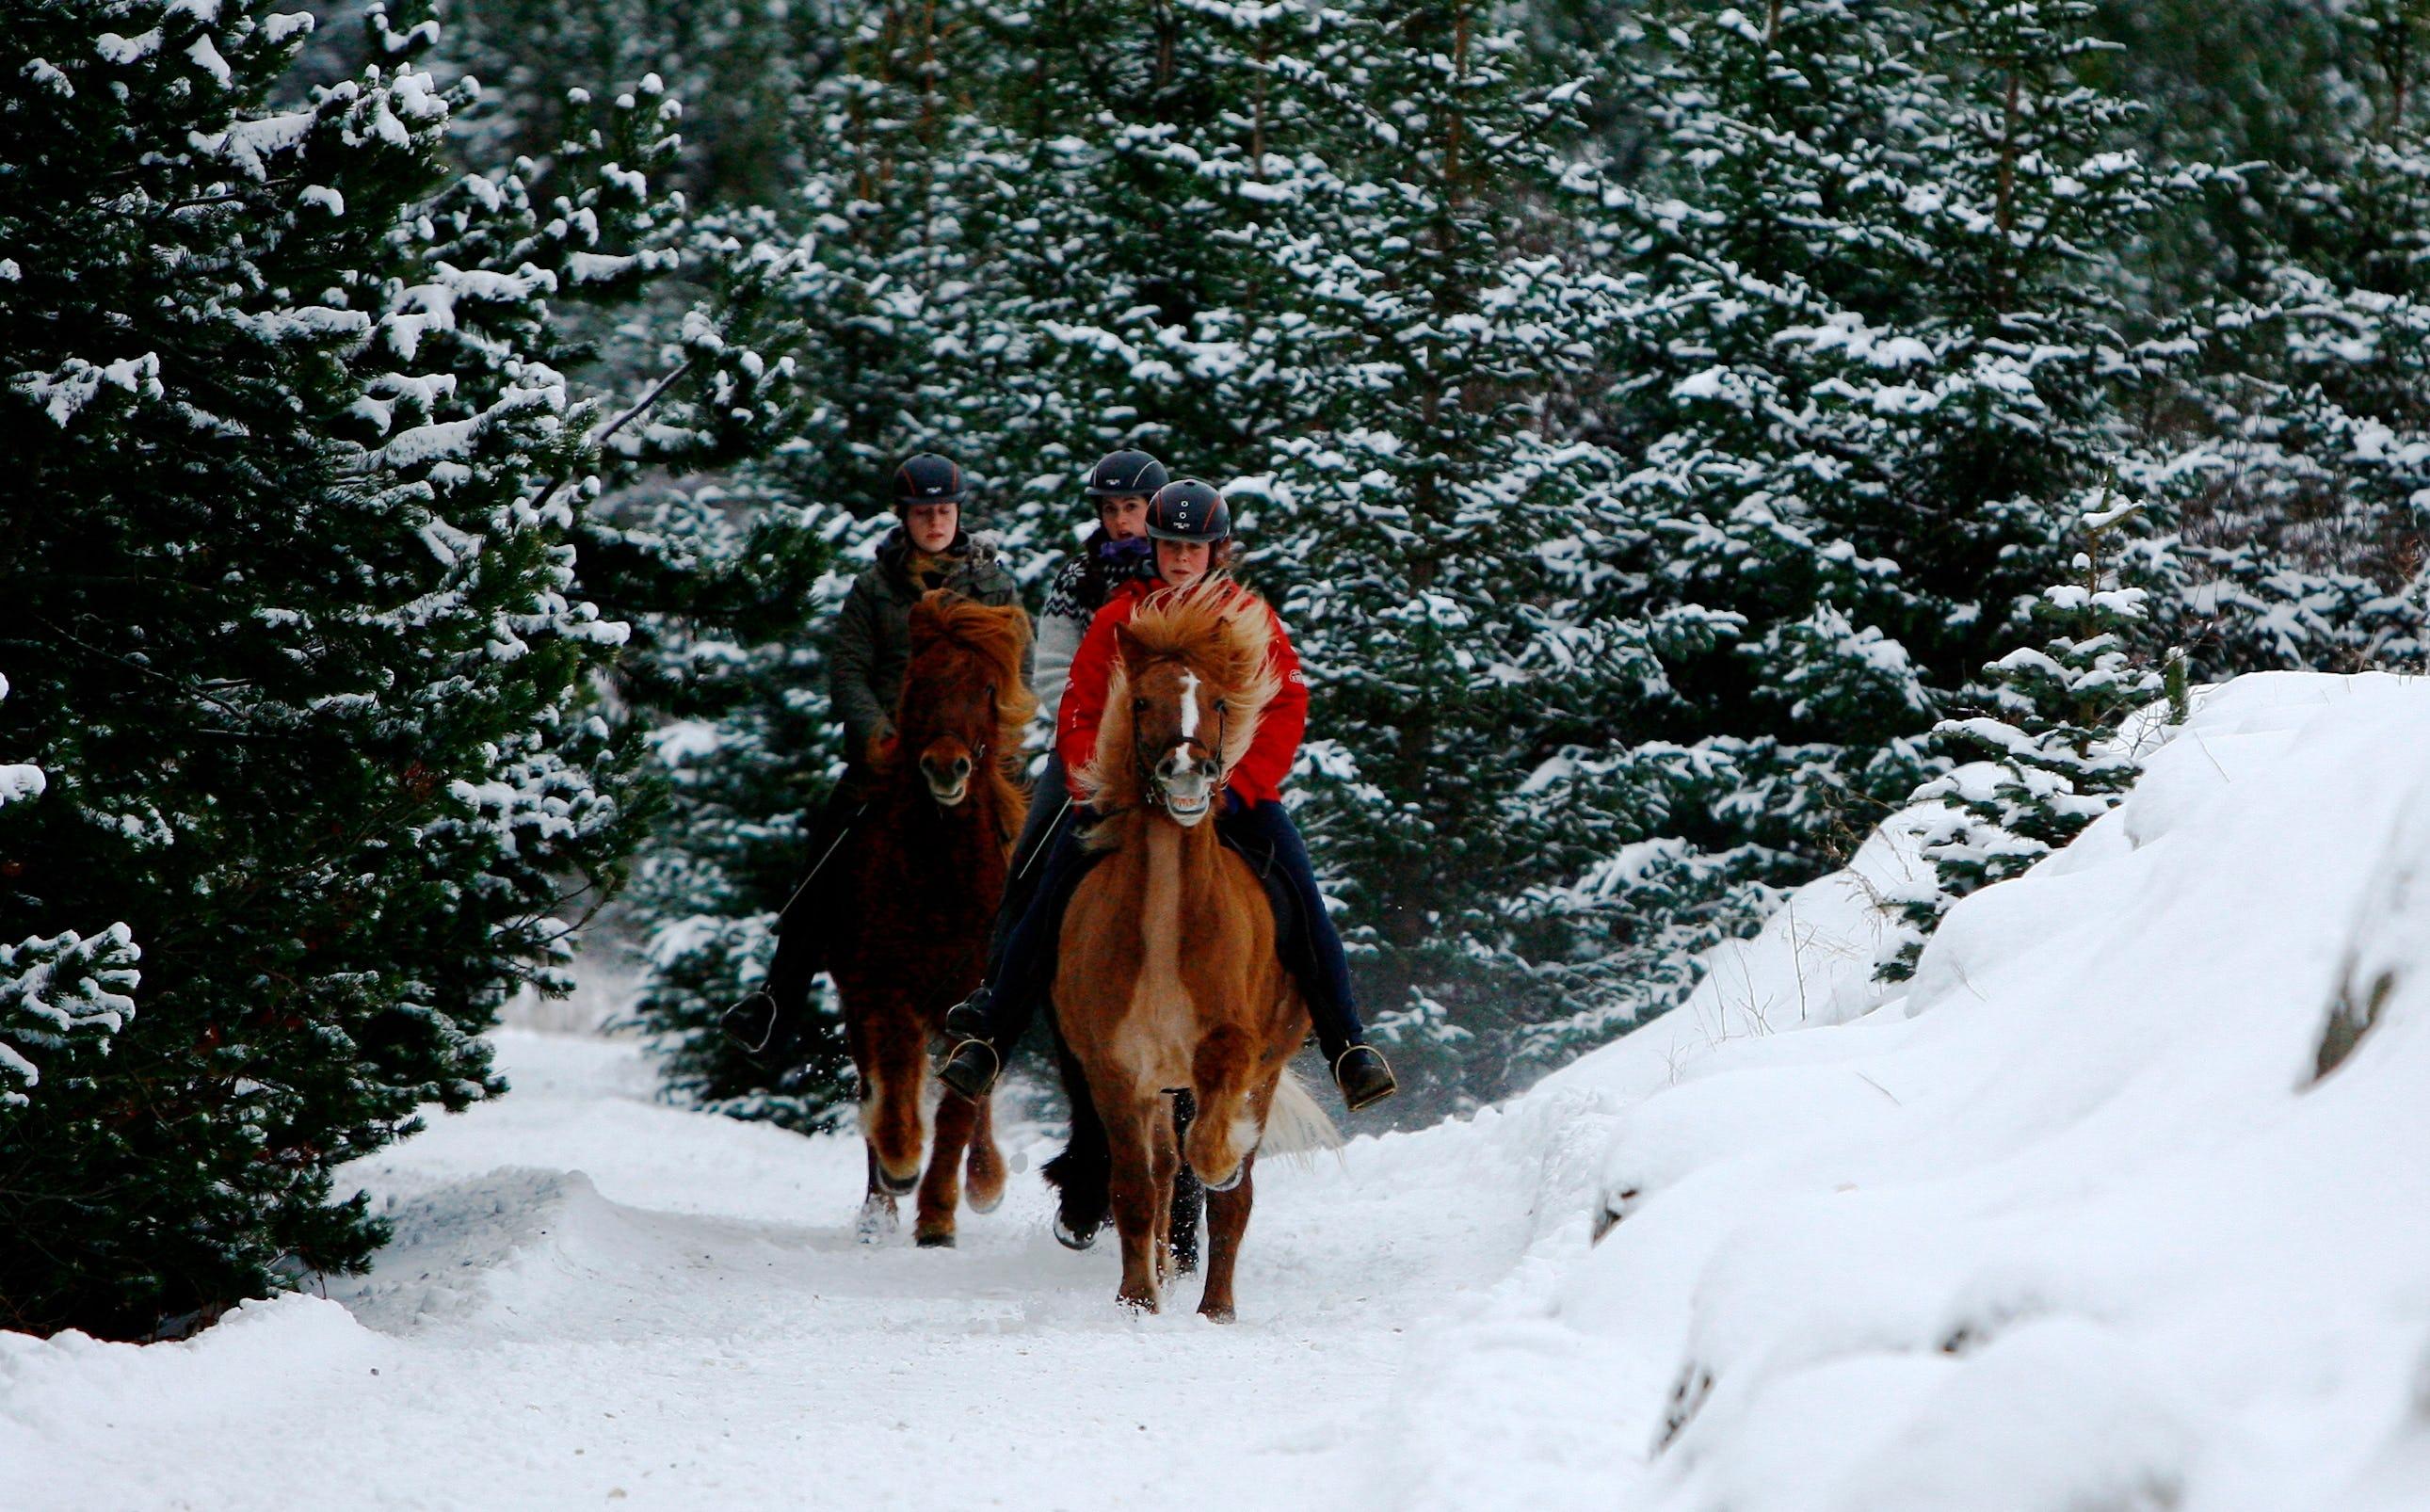 C'est féérique de faire une balade à cheval en hiver